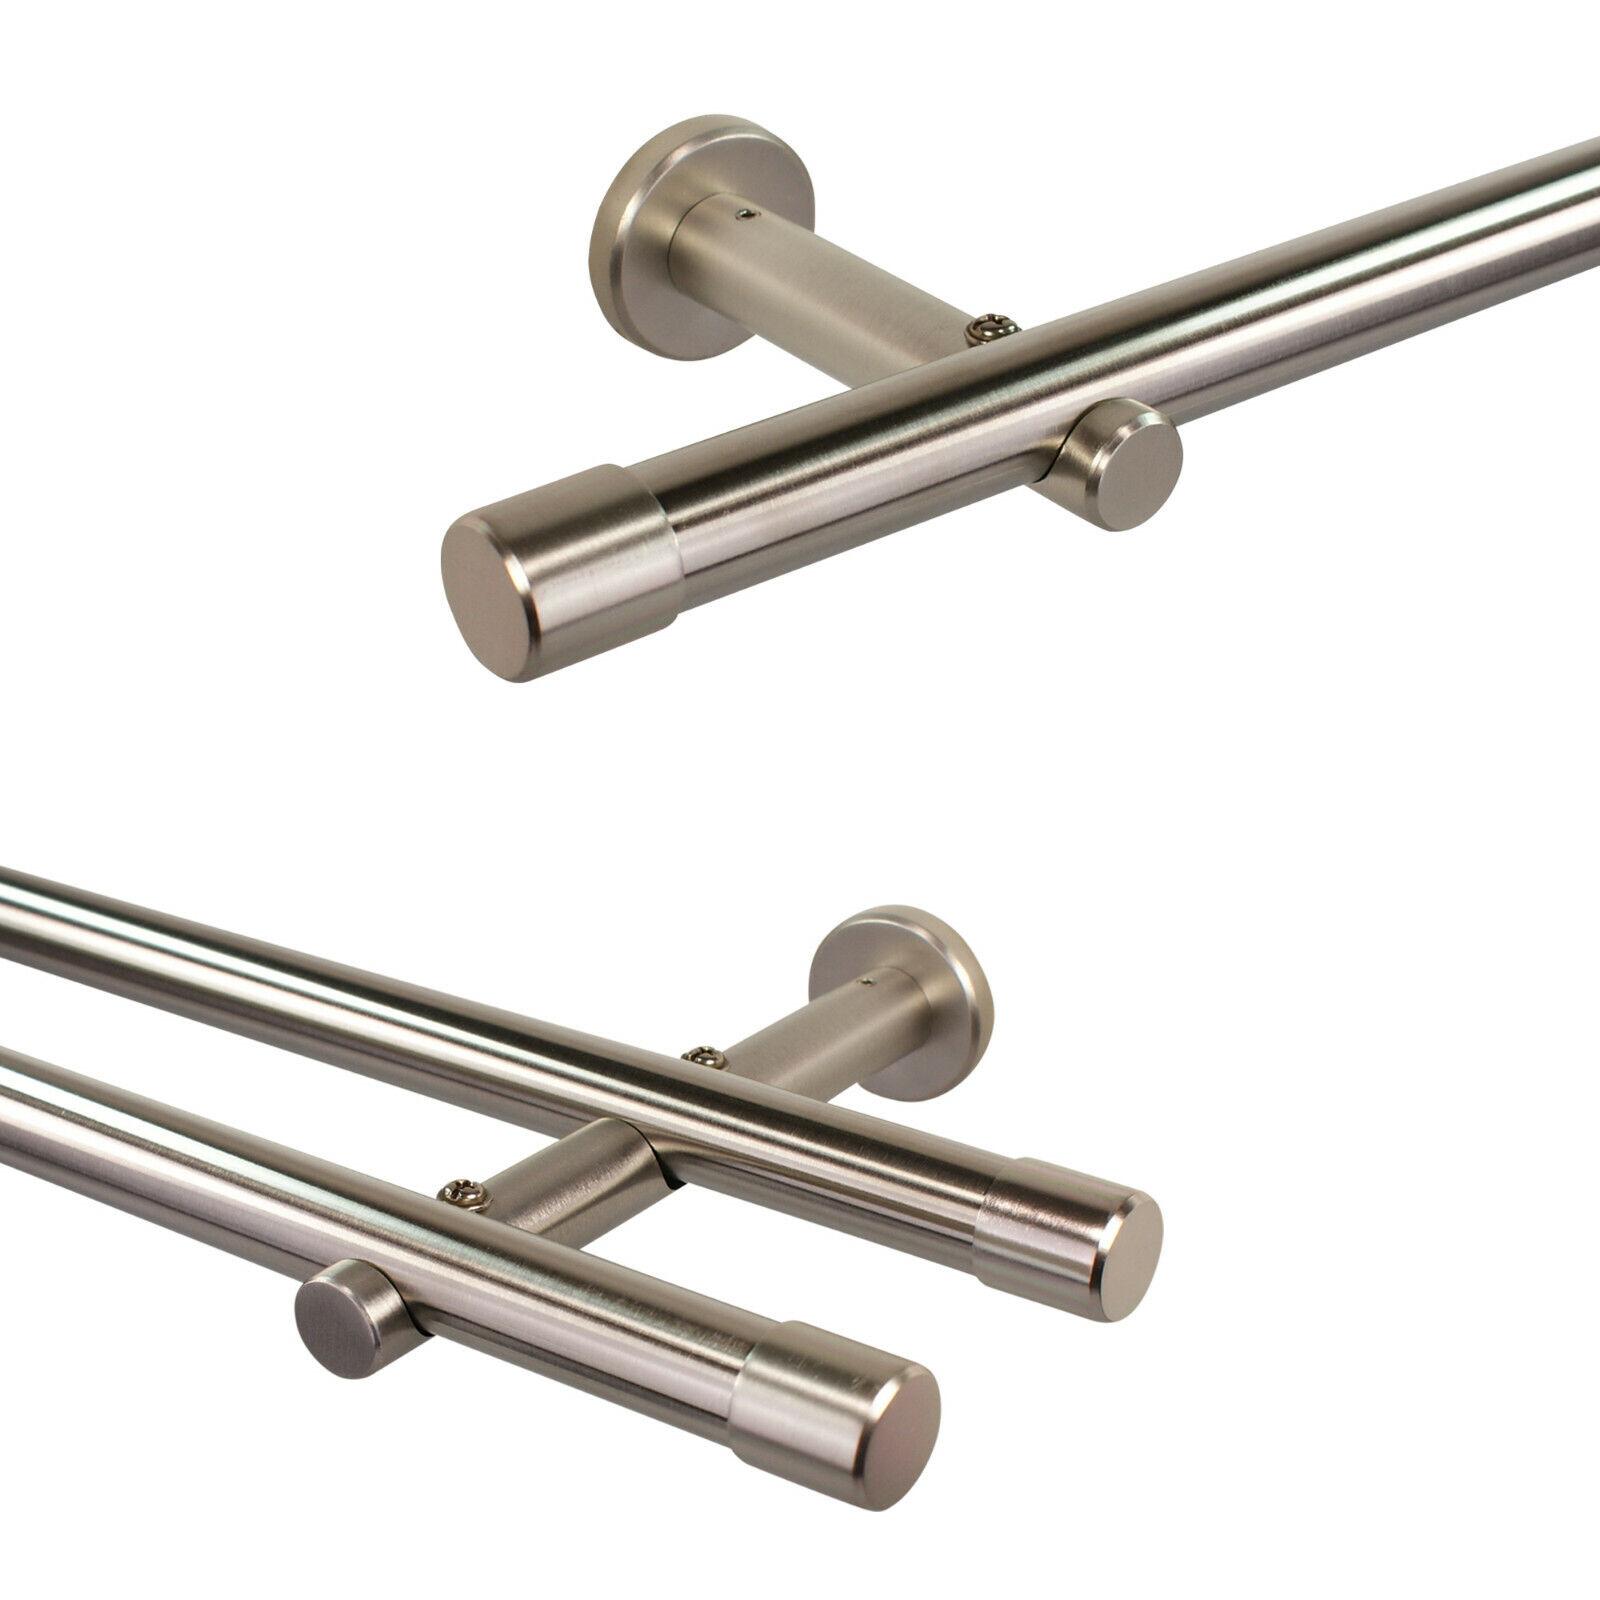 Gardinenstange 20 mm Edelstahl Design, Rohr aus echt Edelstahl, Vorhangstange